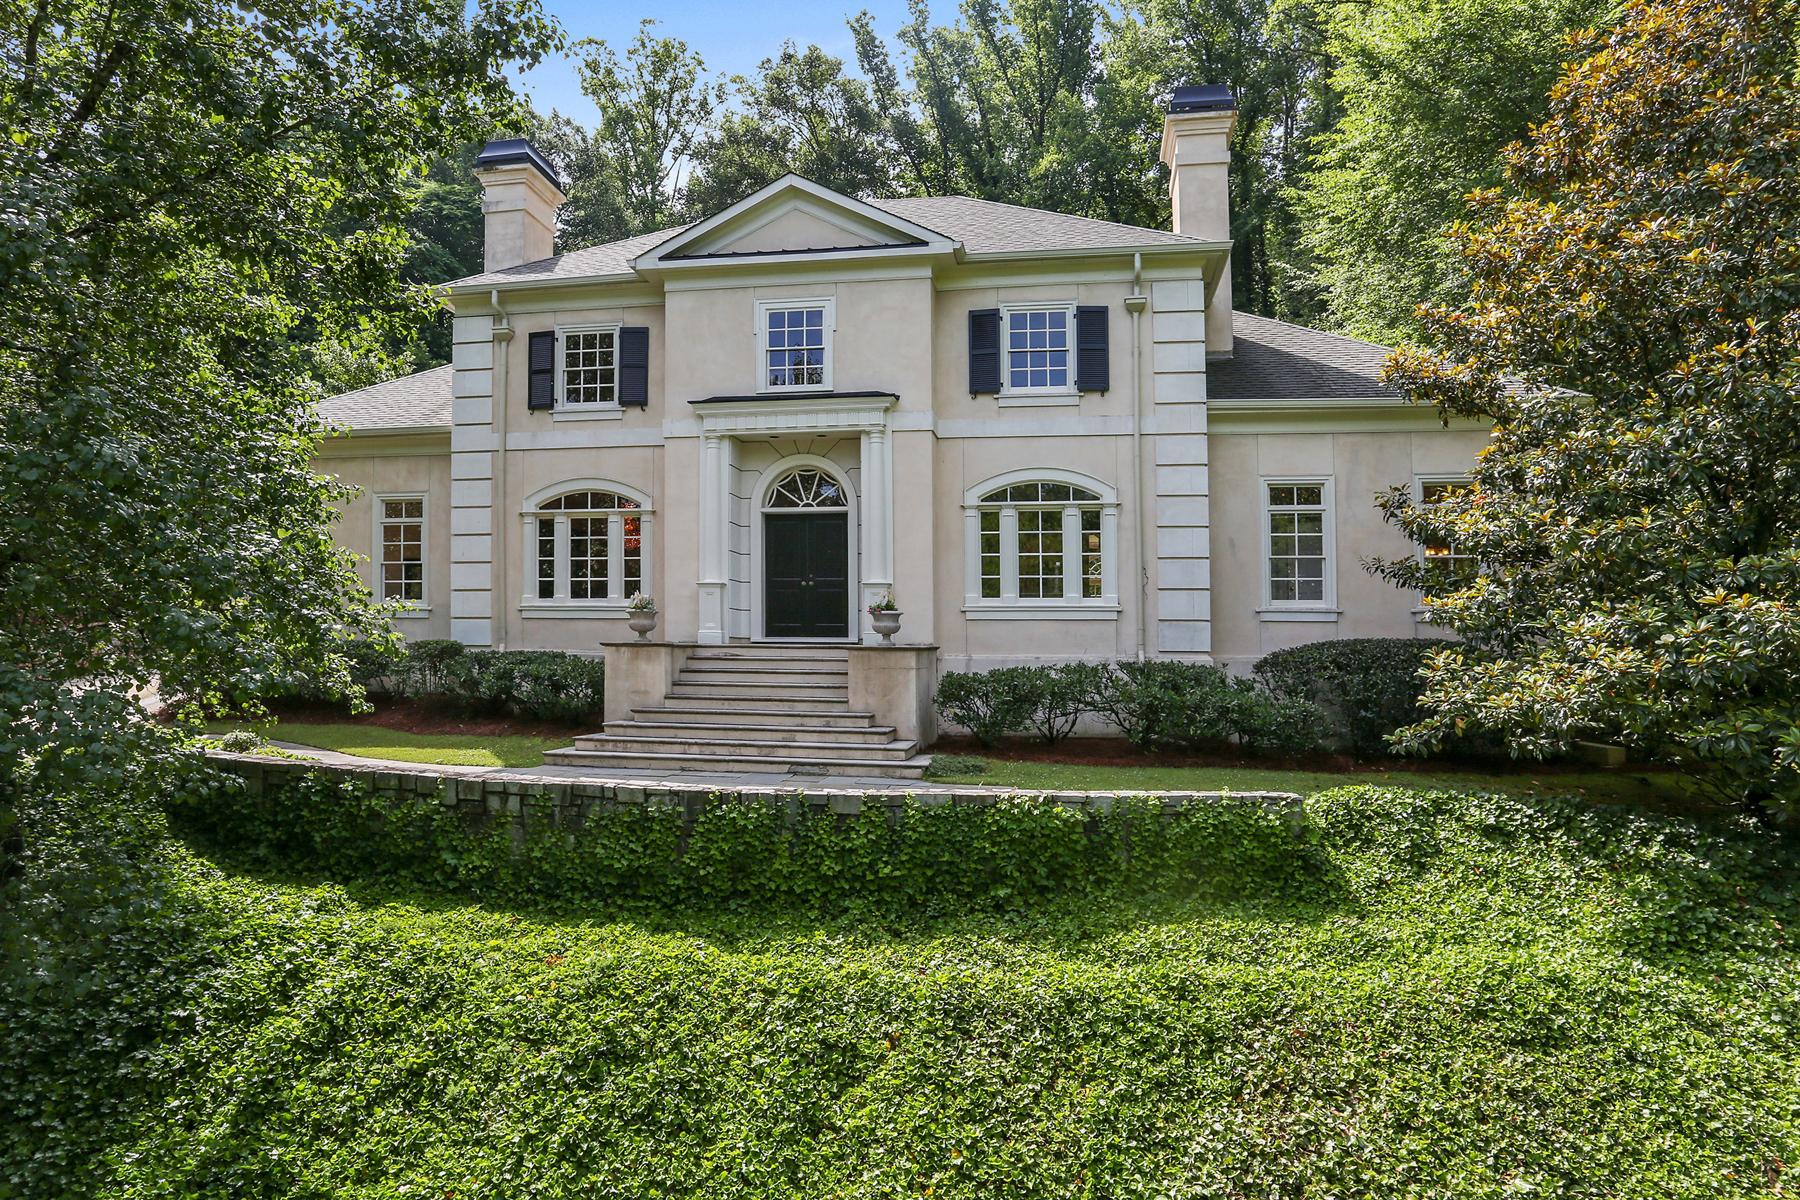 Casa Unifamiliar por un Venta en Majestic Hilltop Residence 25 Asheworth Court Buckhead, Atlanta, Georgia 30327 Estados Unidos